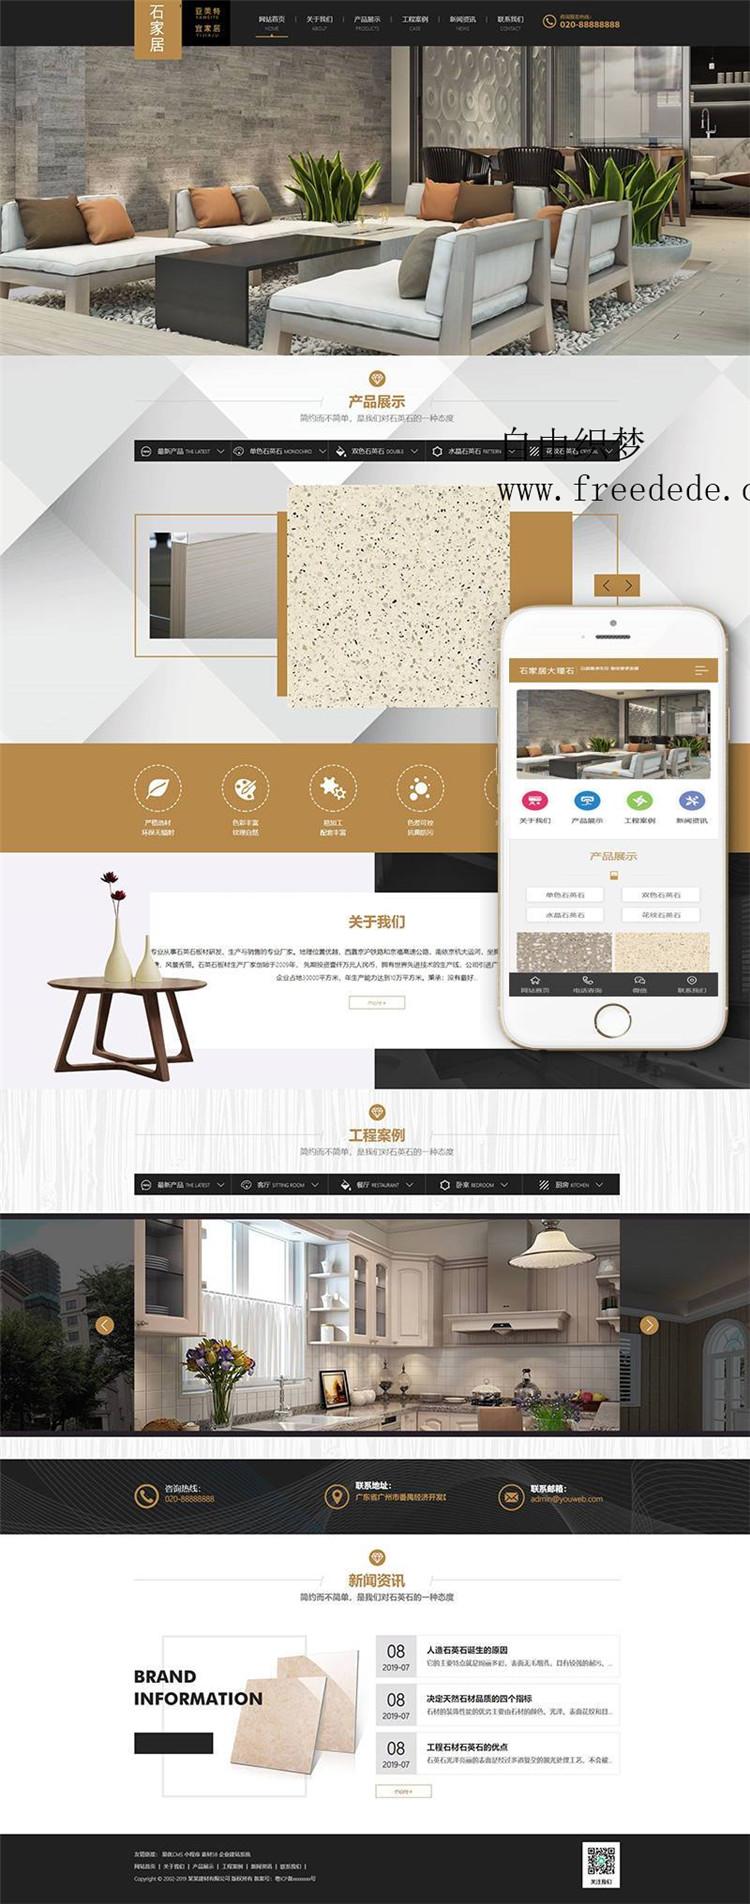 爱上源码网文章dedecms模板下载 大理石瓷砖厂家织梦模板(带手机端)的内容插图